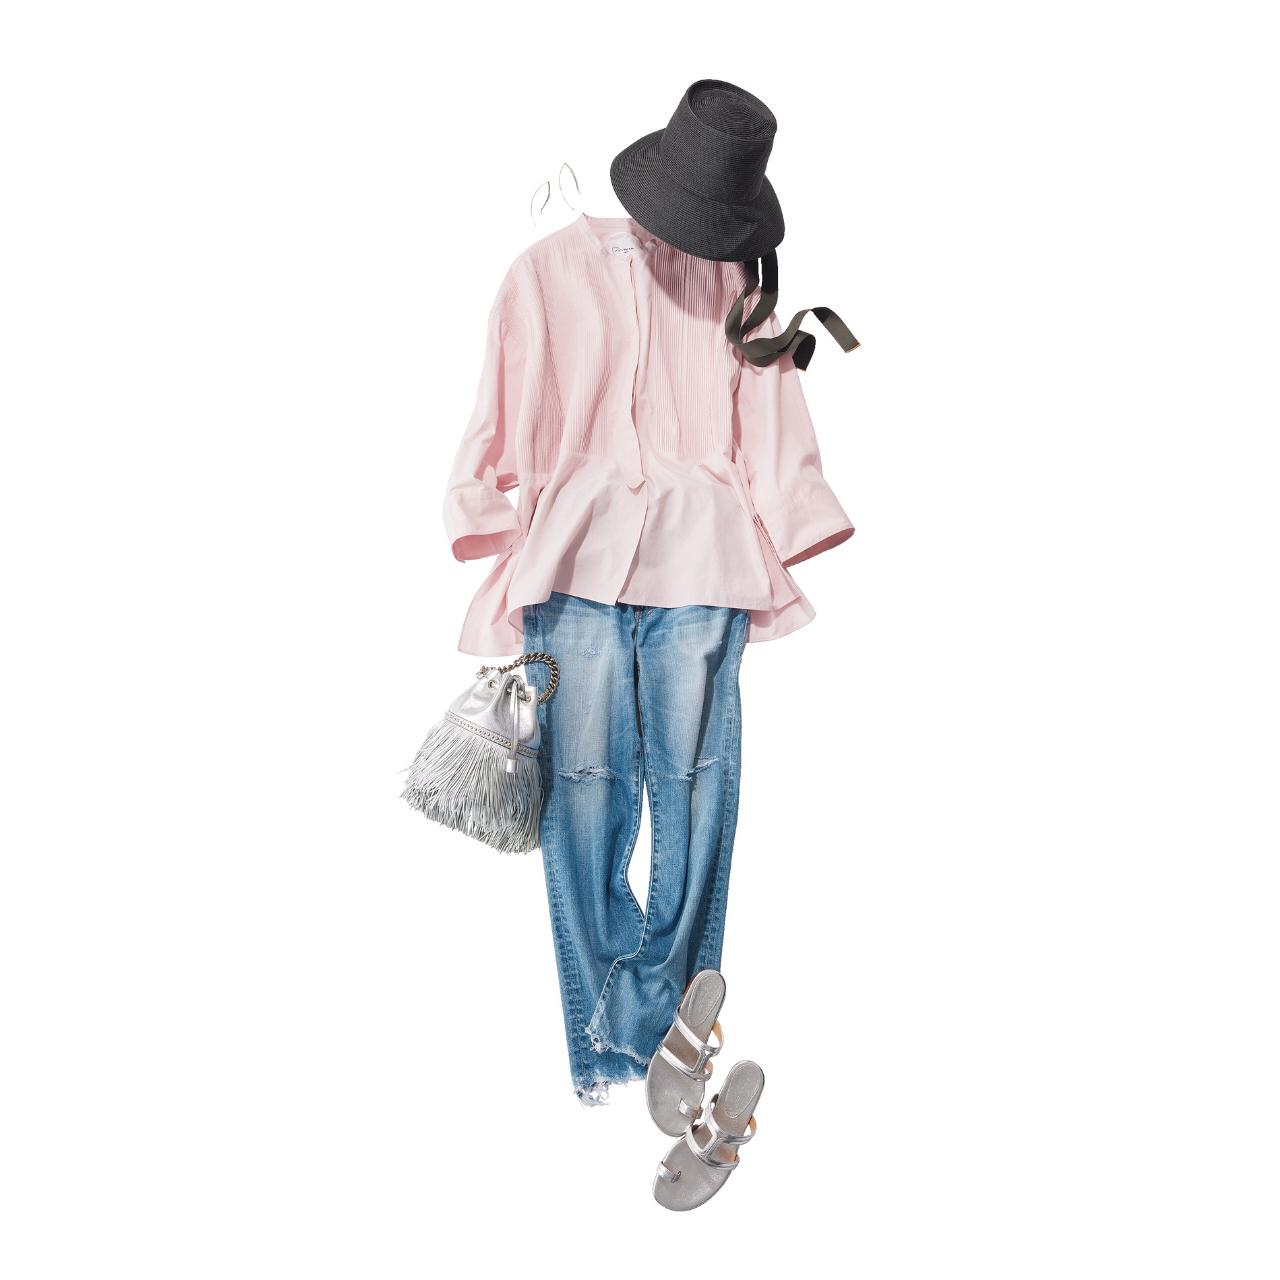 今こそデニムの更新に最適!アラフォーに似合う2021春夏デニムコーデまとめ|40代ファッション_1_2